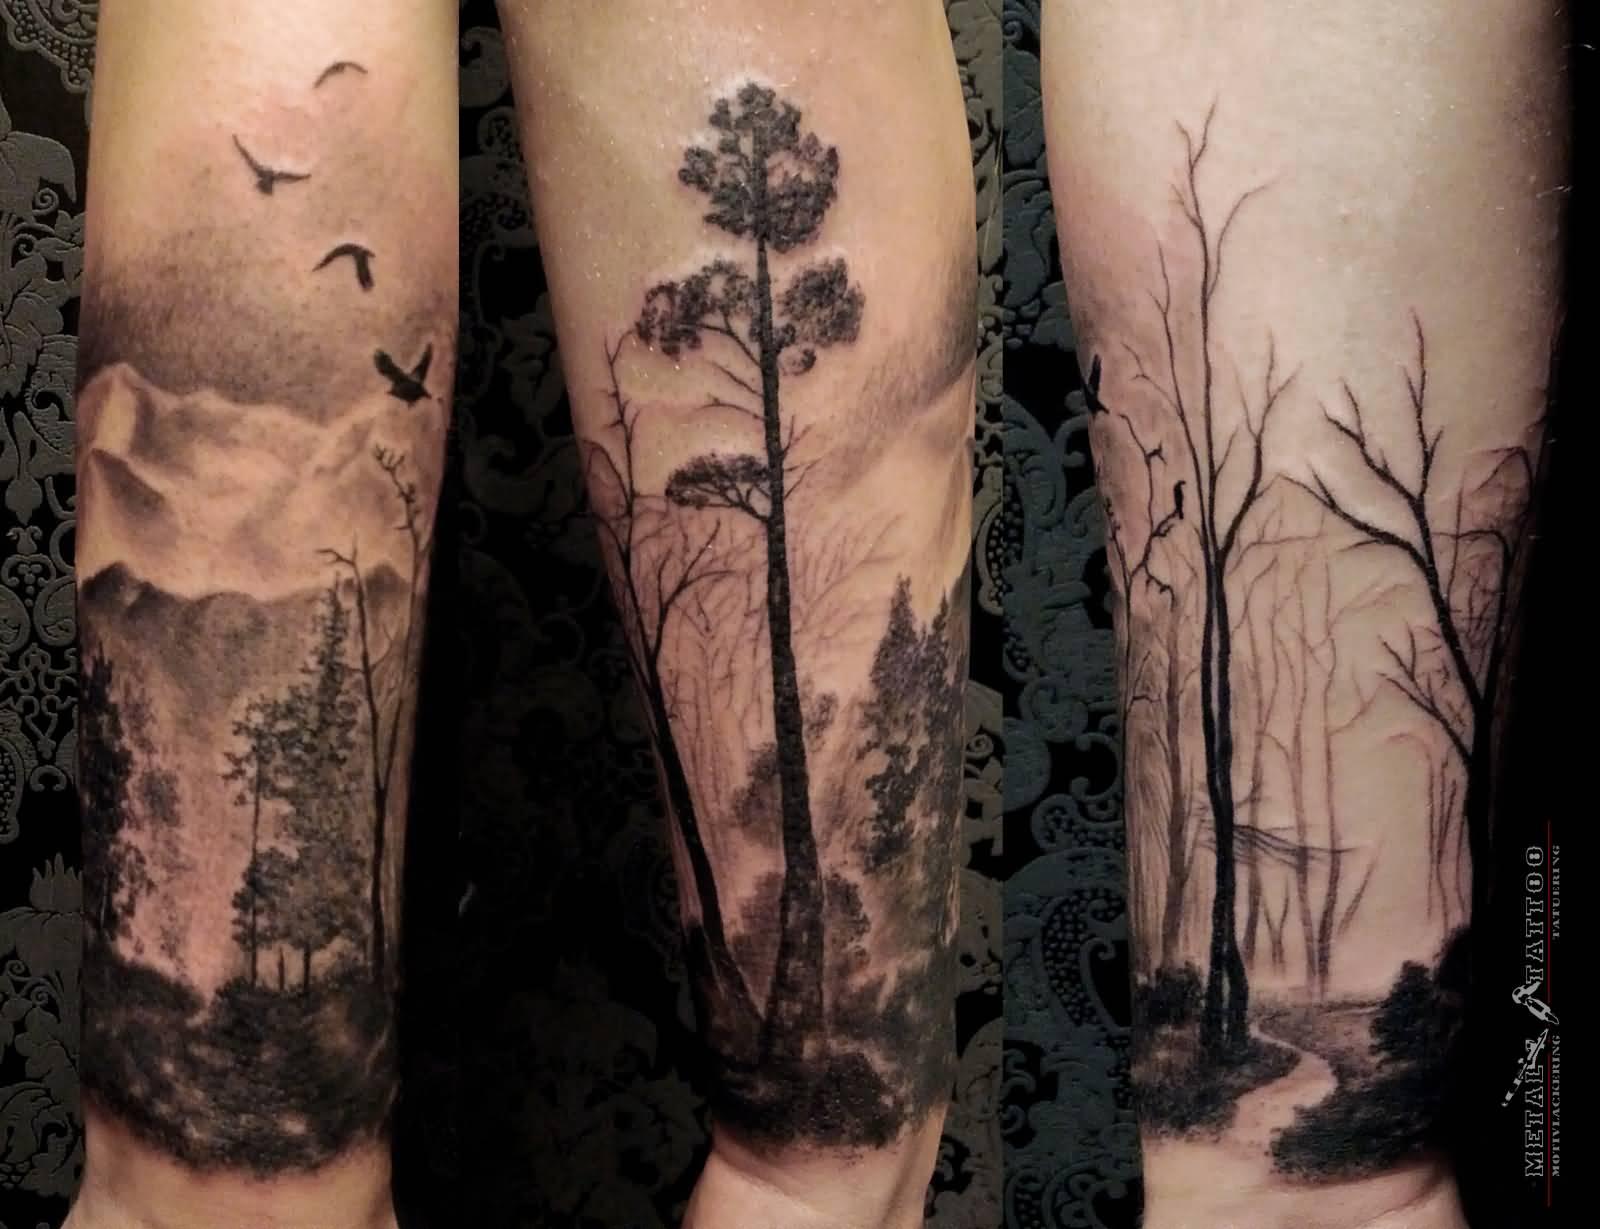 Для мужчин - Тату эскизы Галерея идей для татуировок Фото эскизов 2